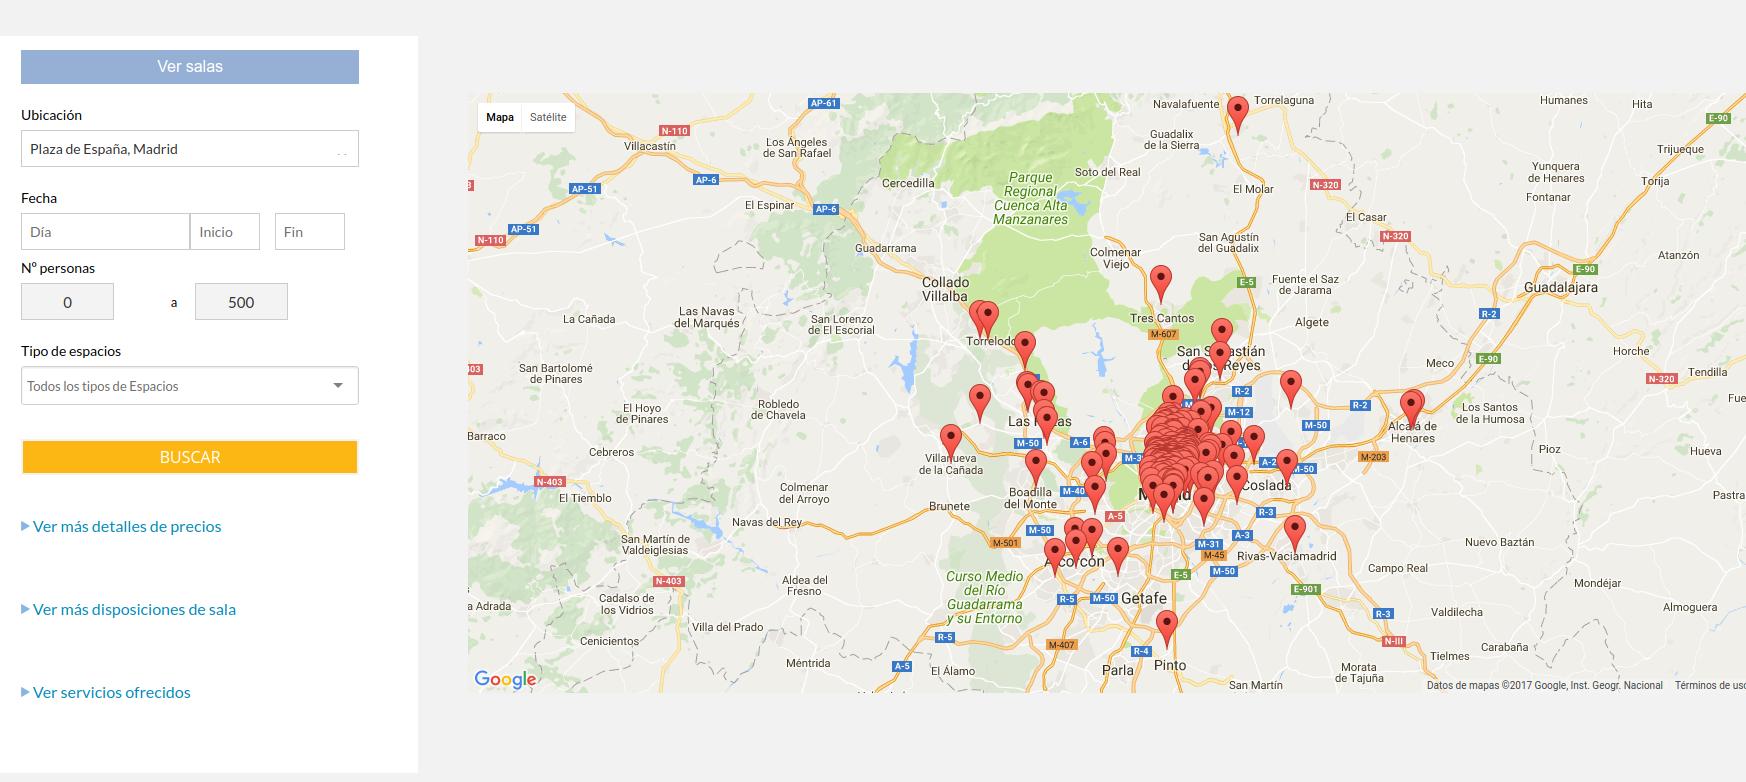 Mapa de las salas en madrid